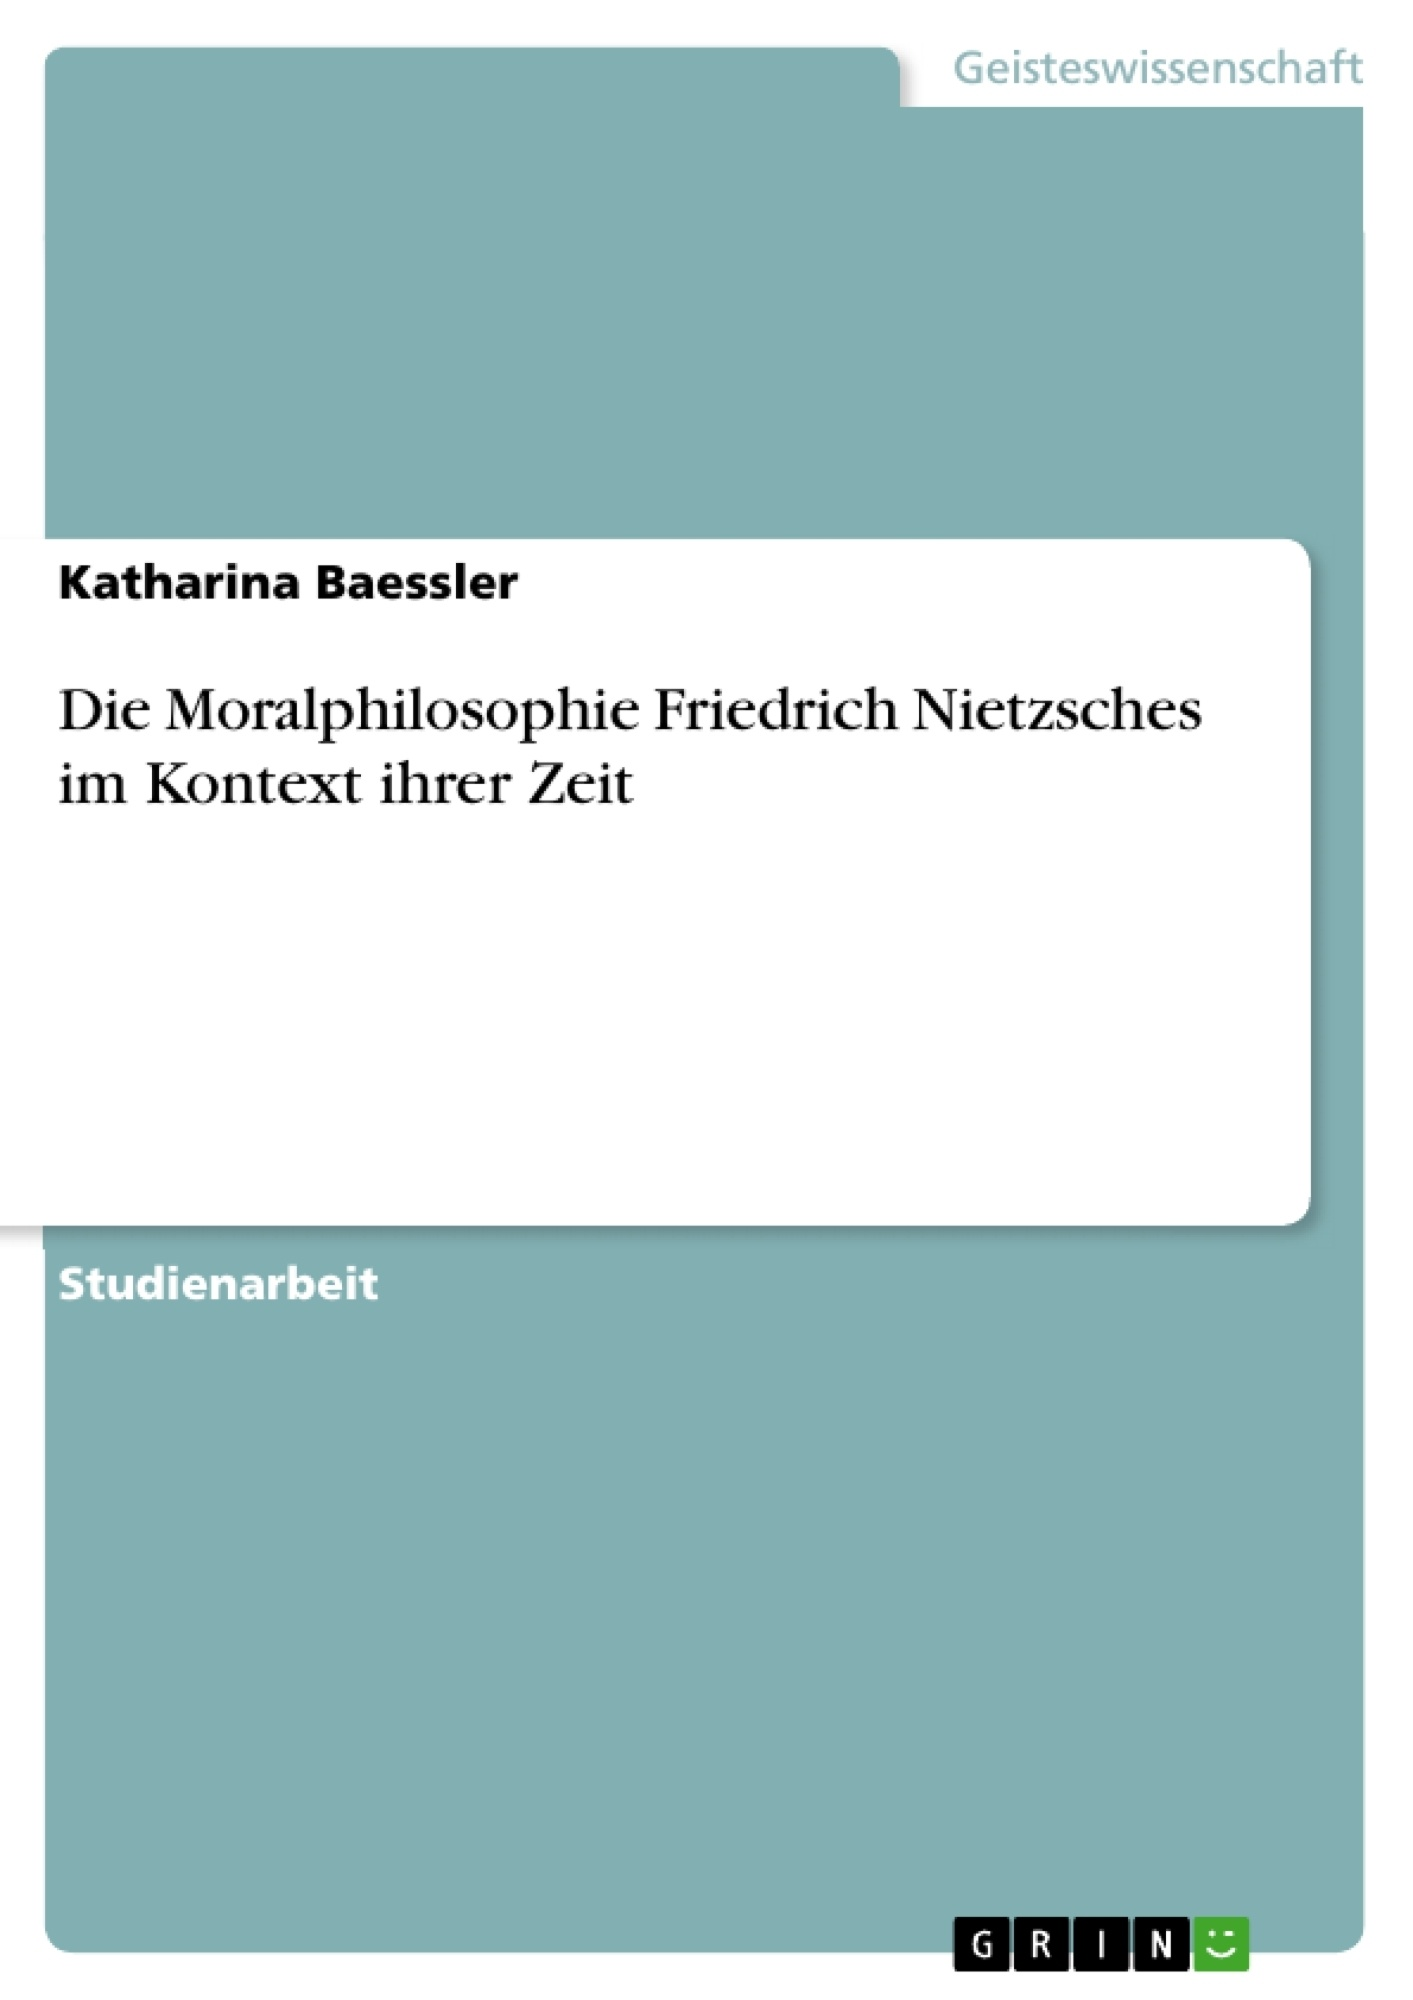 Titel: Die Moralphilosophie Friedrich Nietzsches im Kontext ihrer Zeit